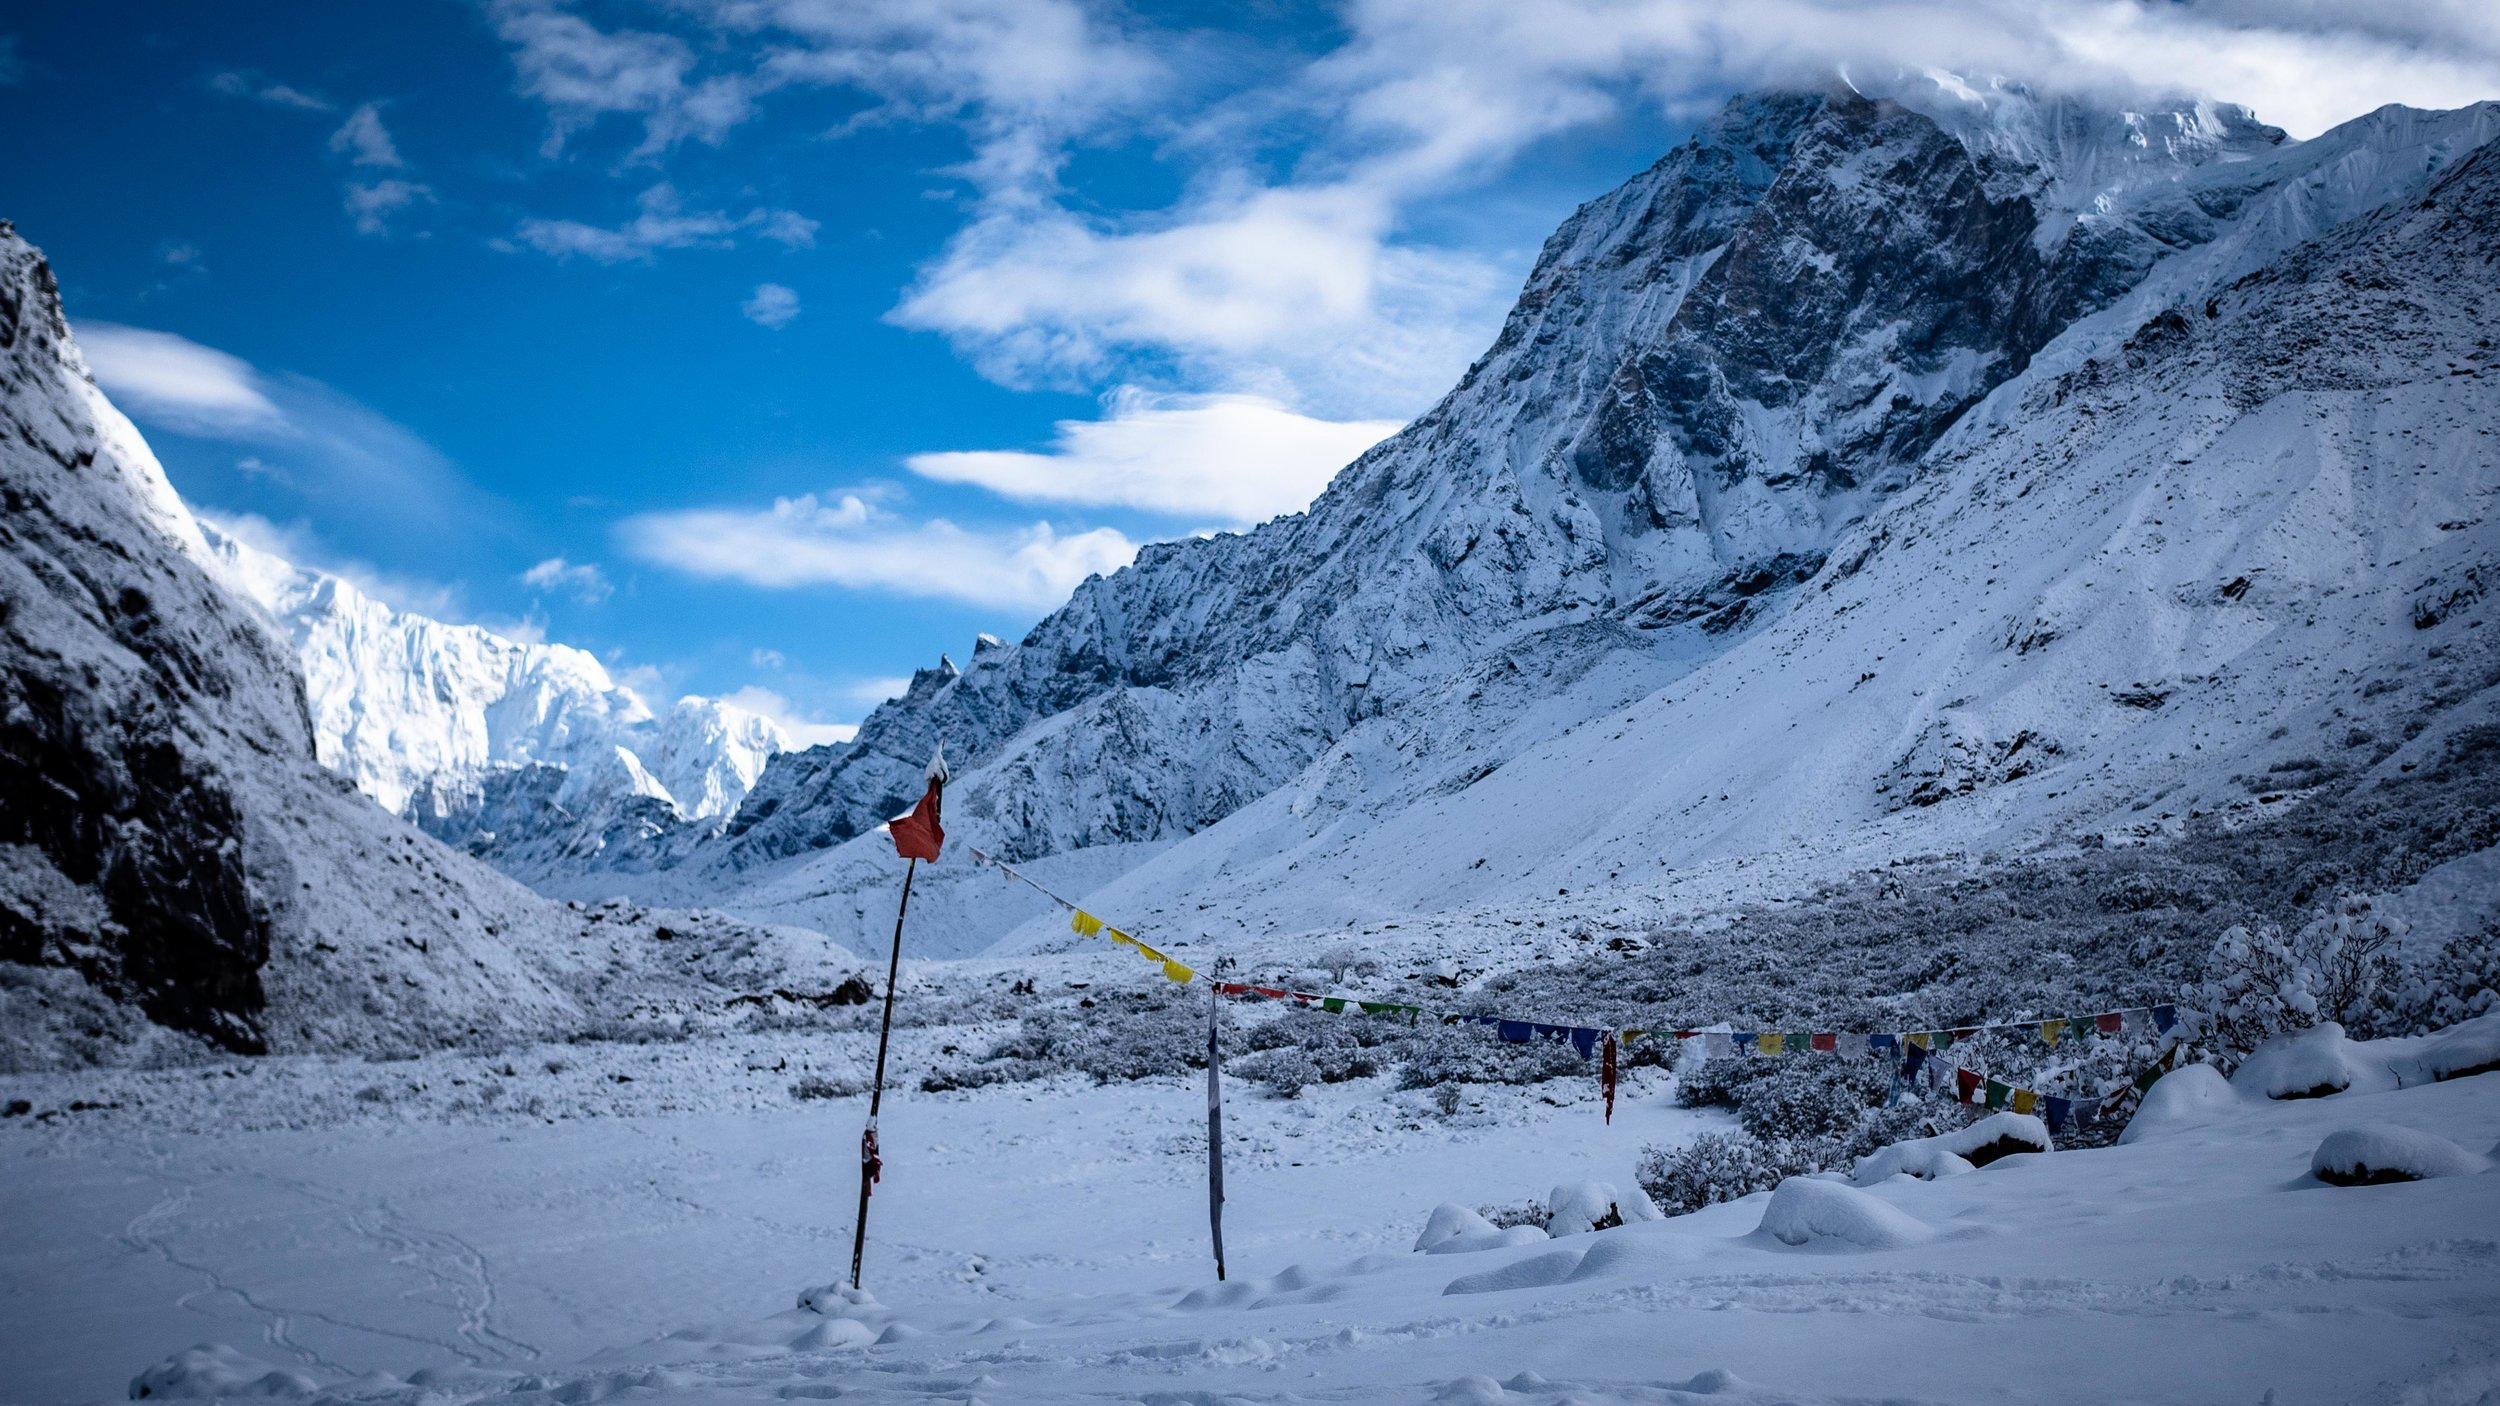 Sikkim - April 2019 - Sikkim